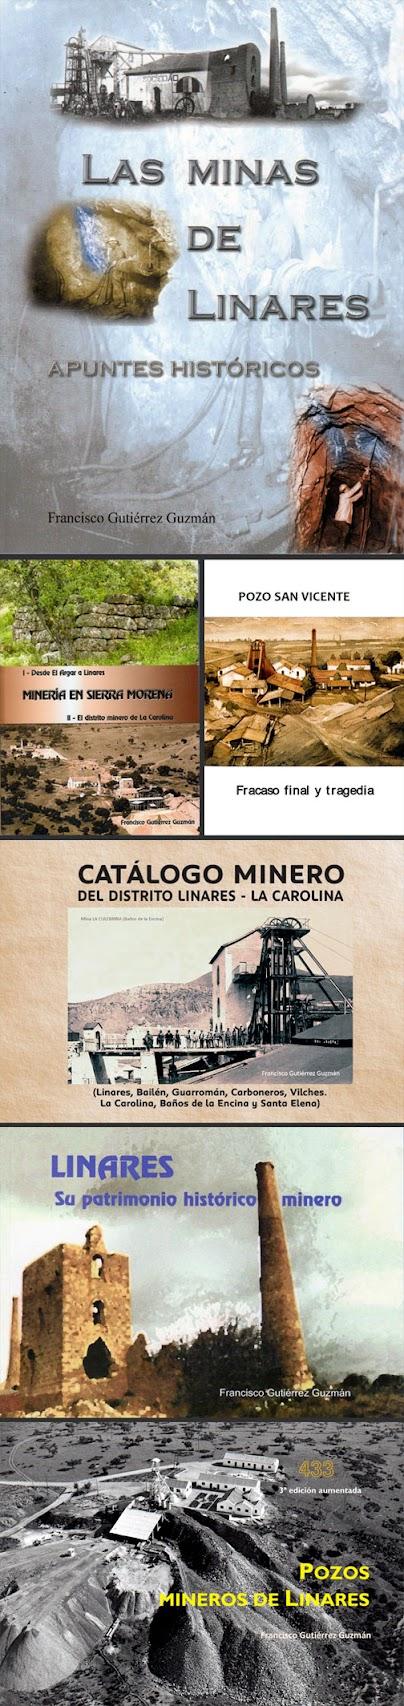 Las minas de Linares